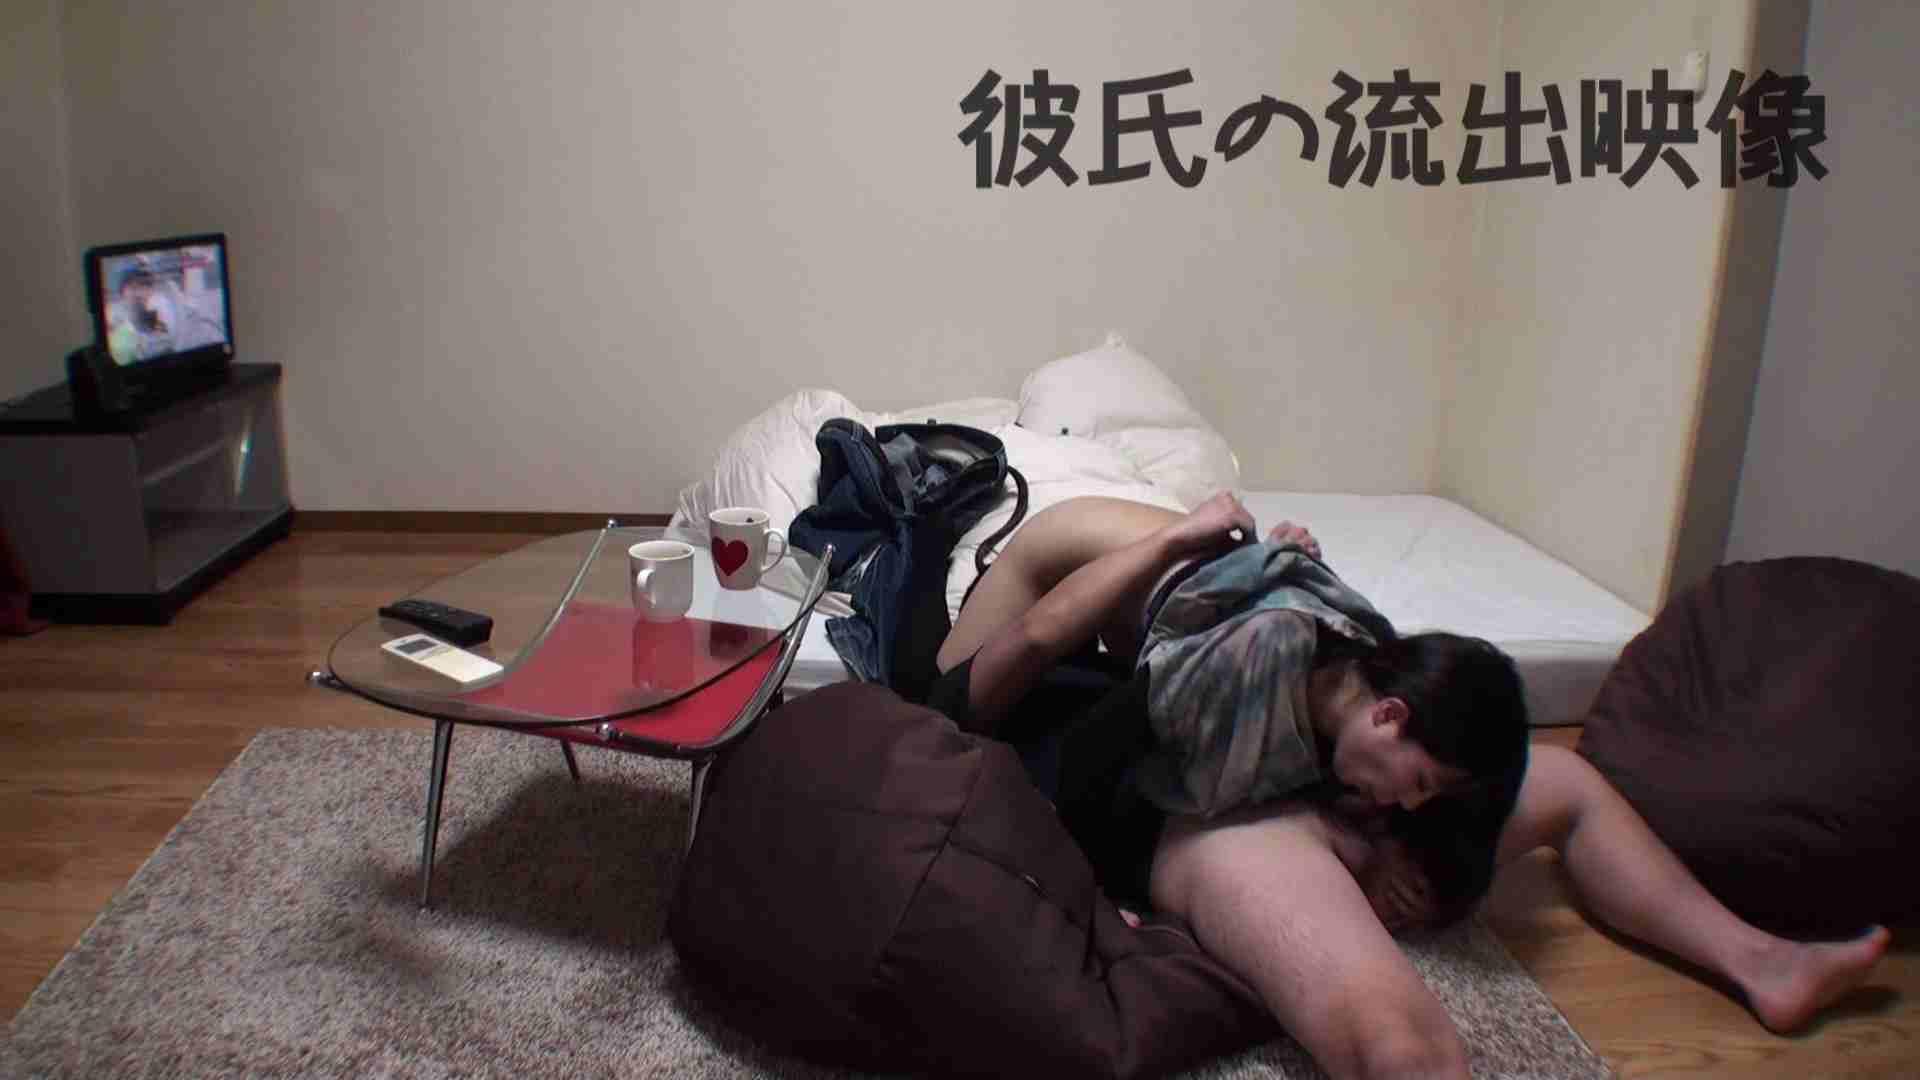 彼氏が流出 パイパン素人嬢のハメ撮り映像02 中出し AV動画キャプチャ 79pic 47